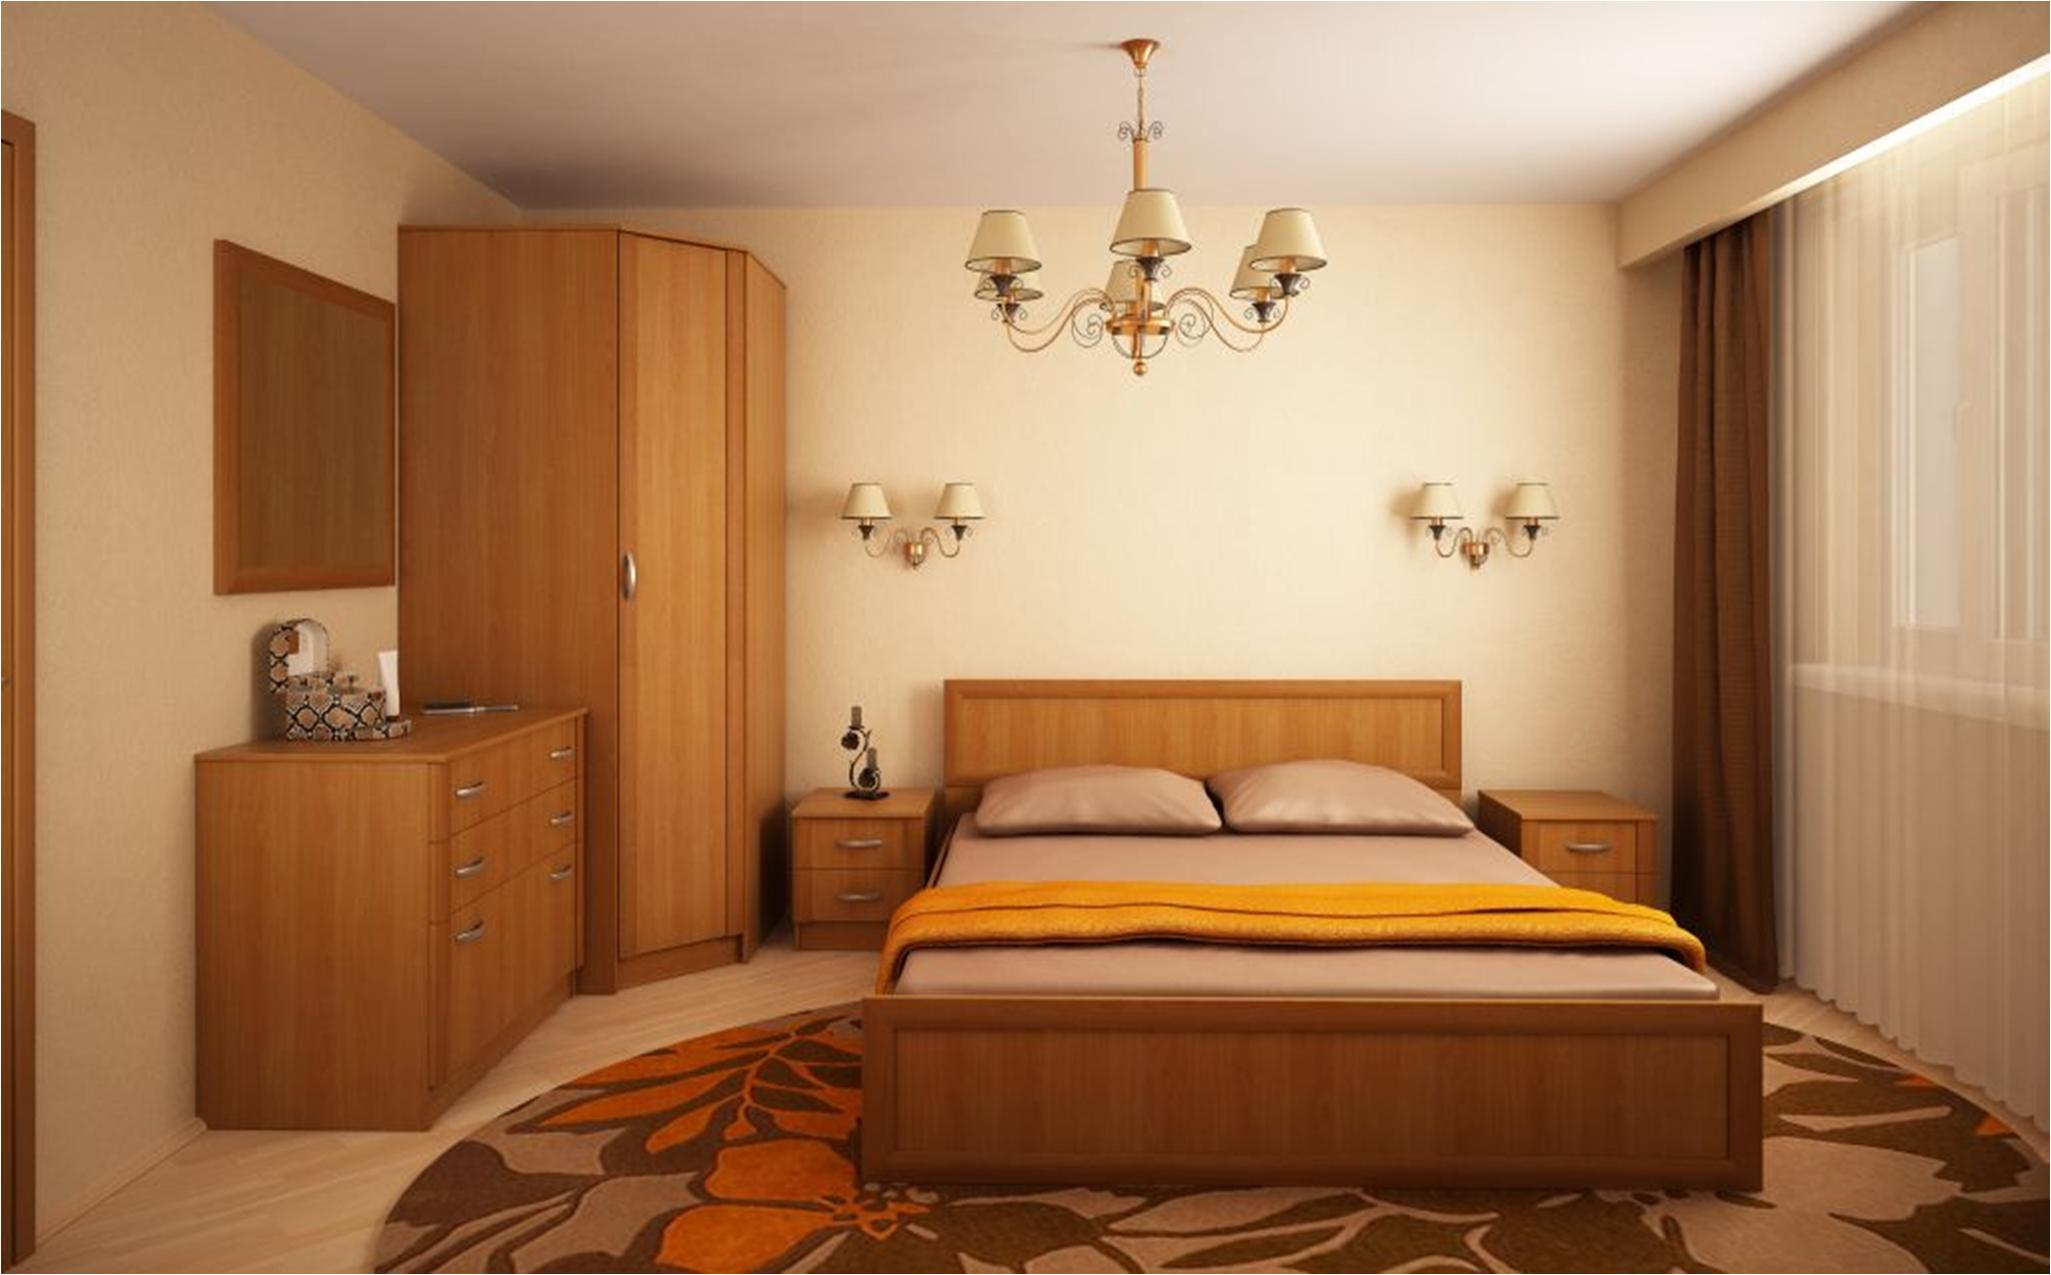 Спальный гарнитур для маленькой спальни (45 фото): как расст.